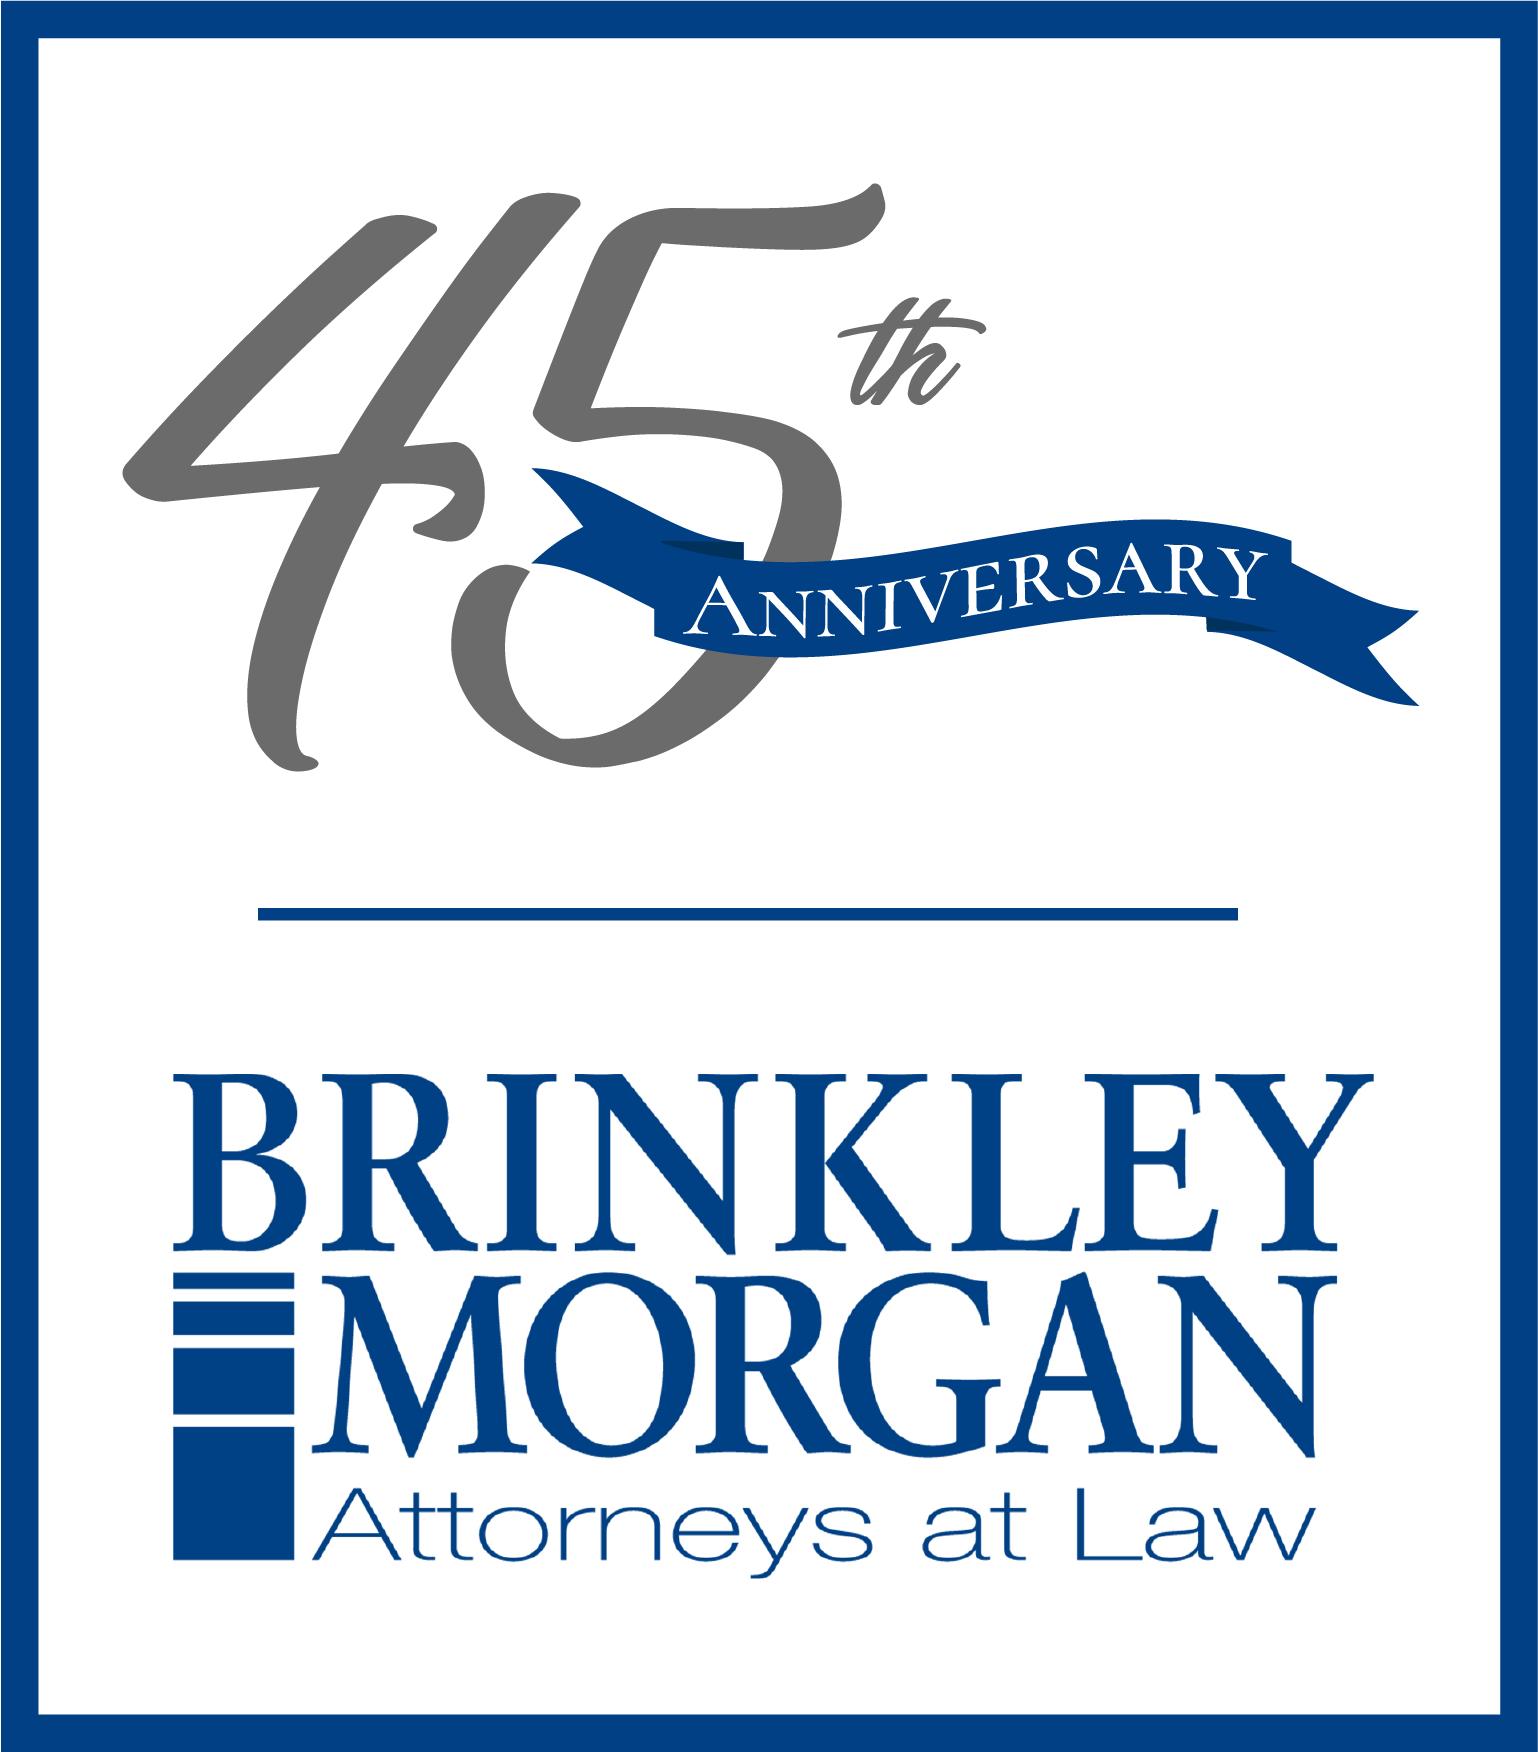 Brinkley Morgan logo - SILVER - BM 45th anni logo 3